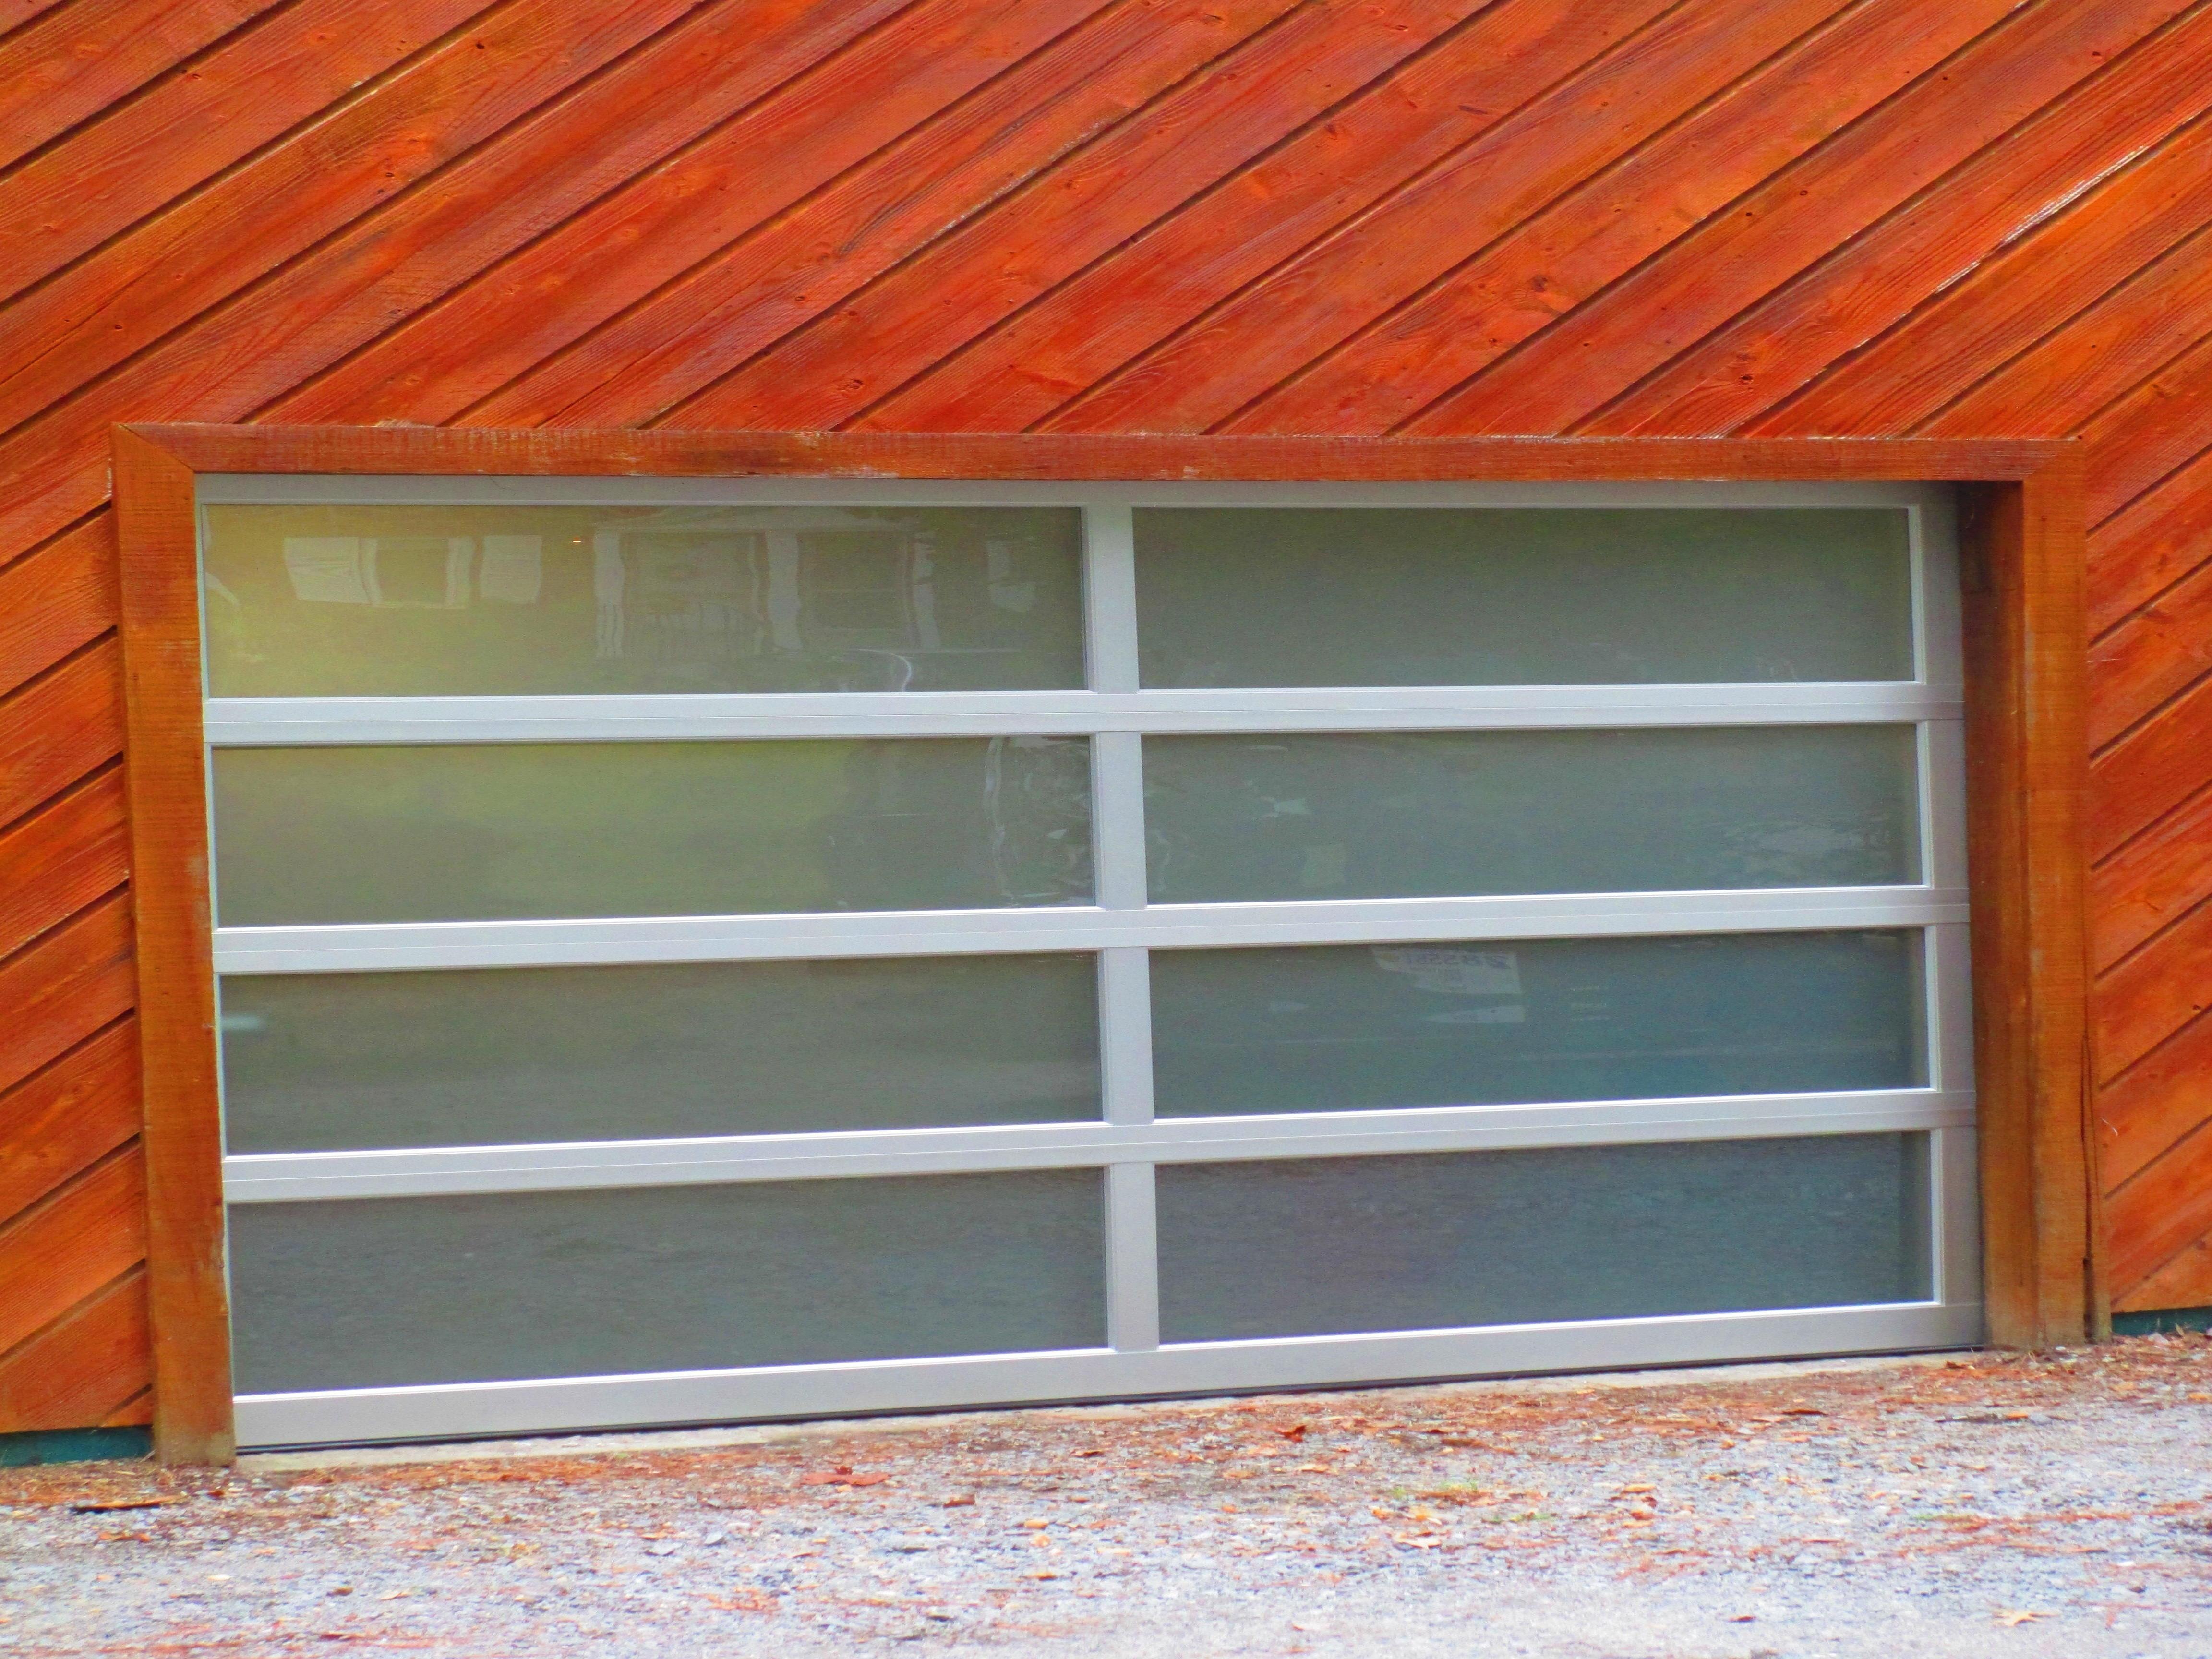 J Amp S Overhead Garage Door Service At 4001 117 Virginia